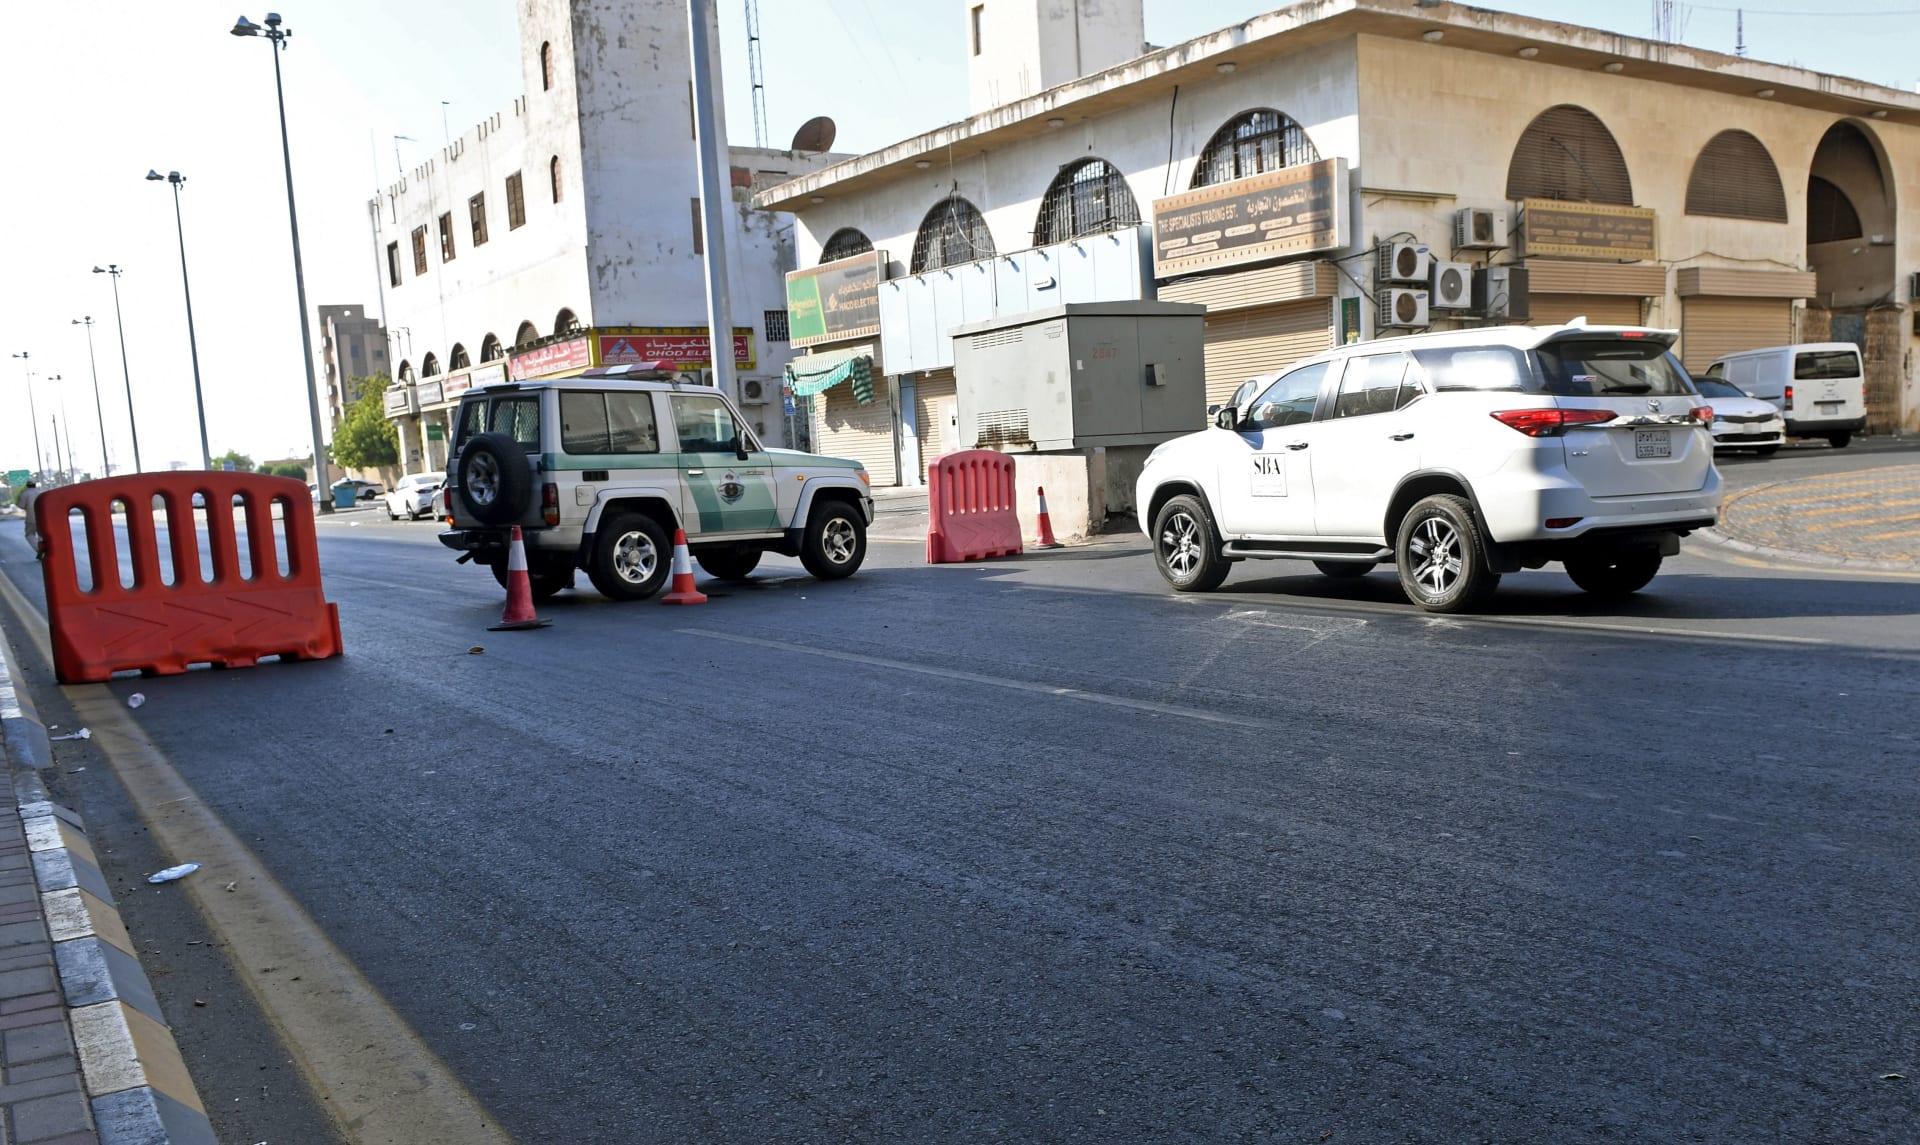 حاجز أمني للشرطة السعودية في مدينة جدة - صورة أرشيفية